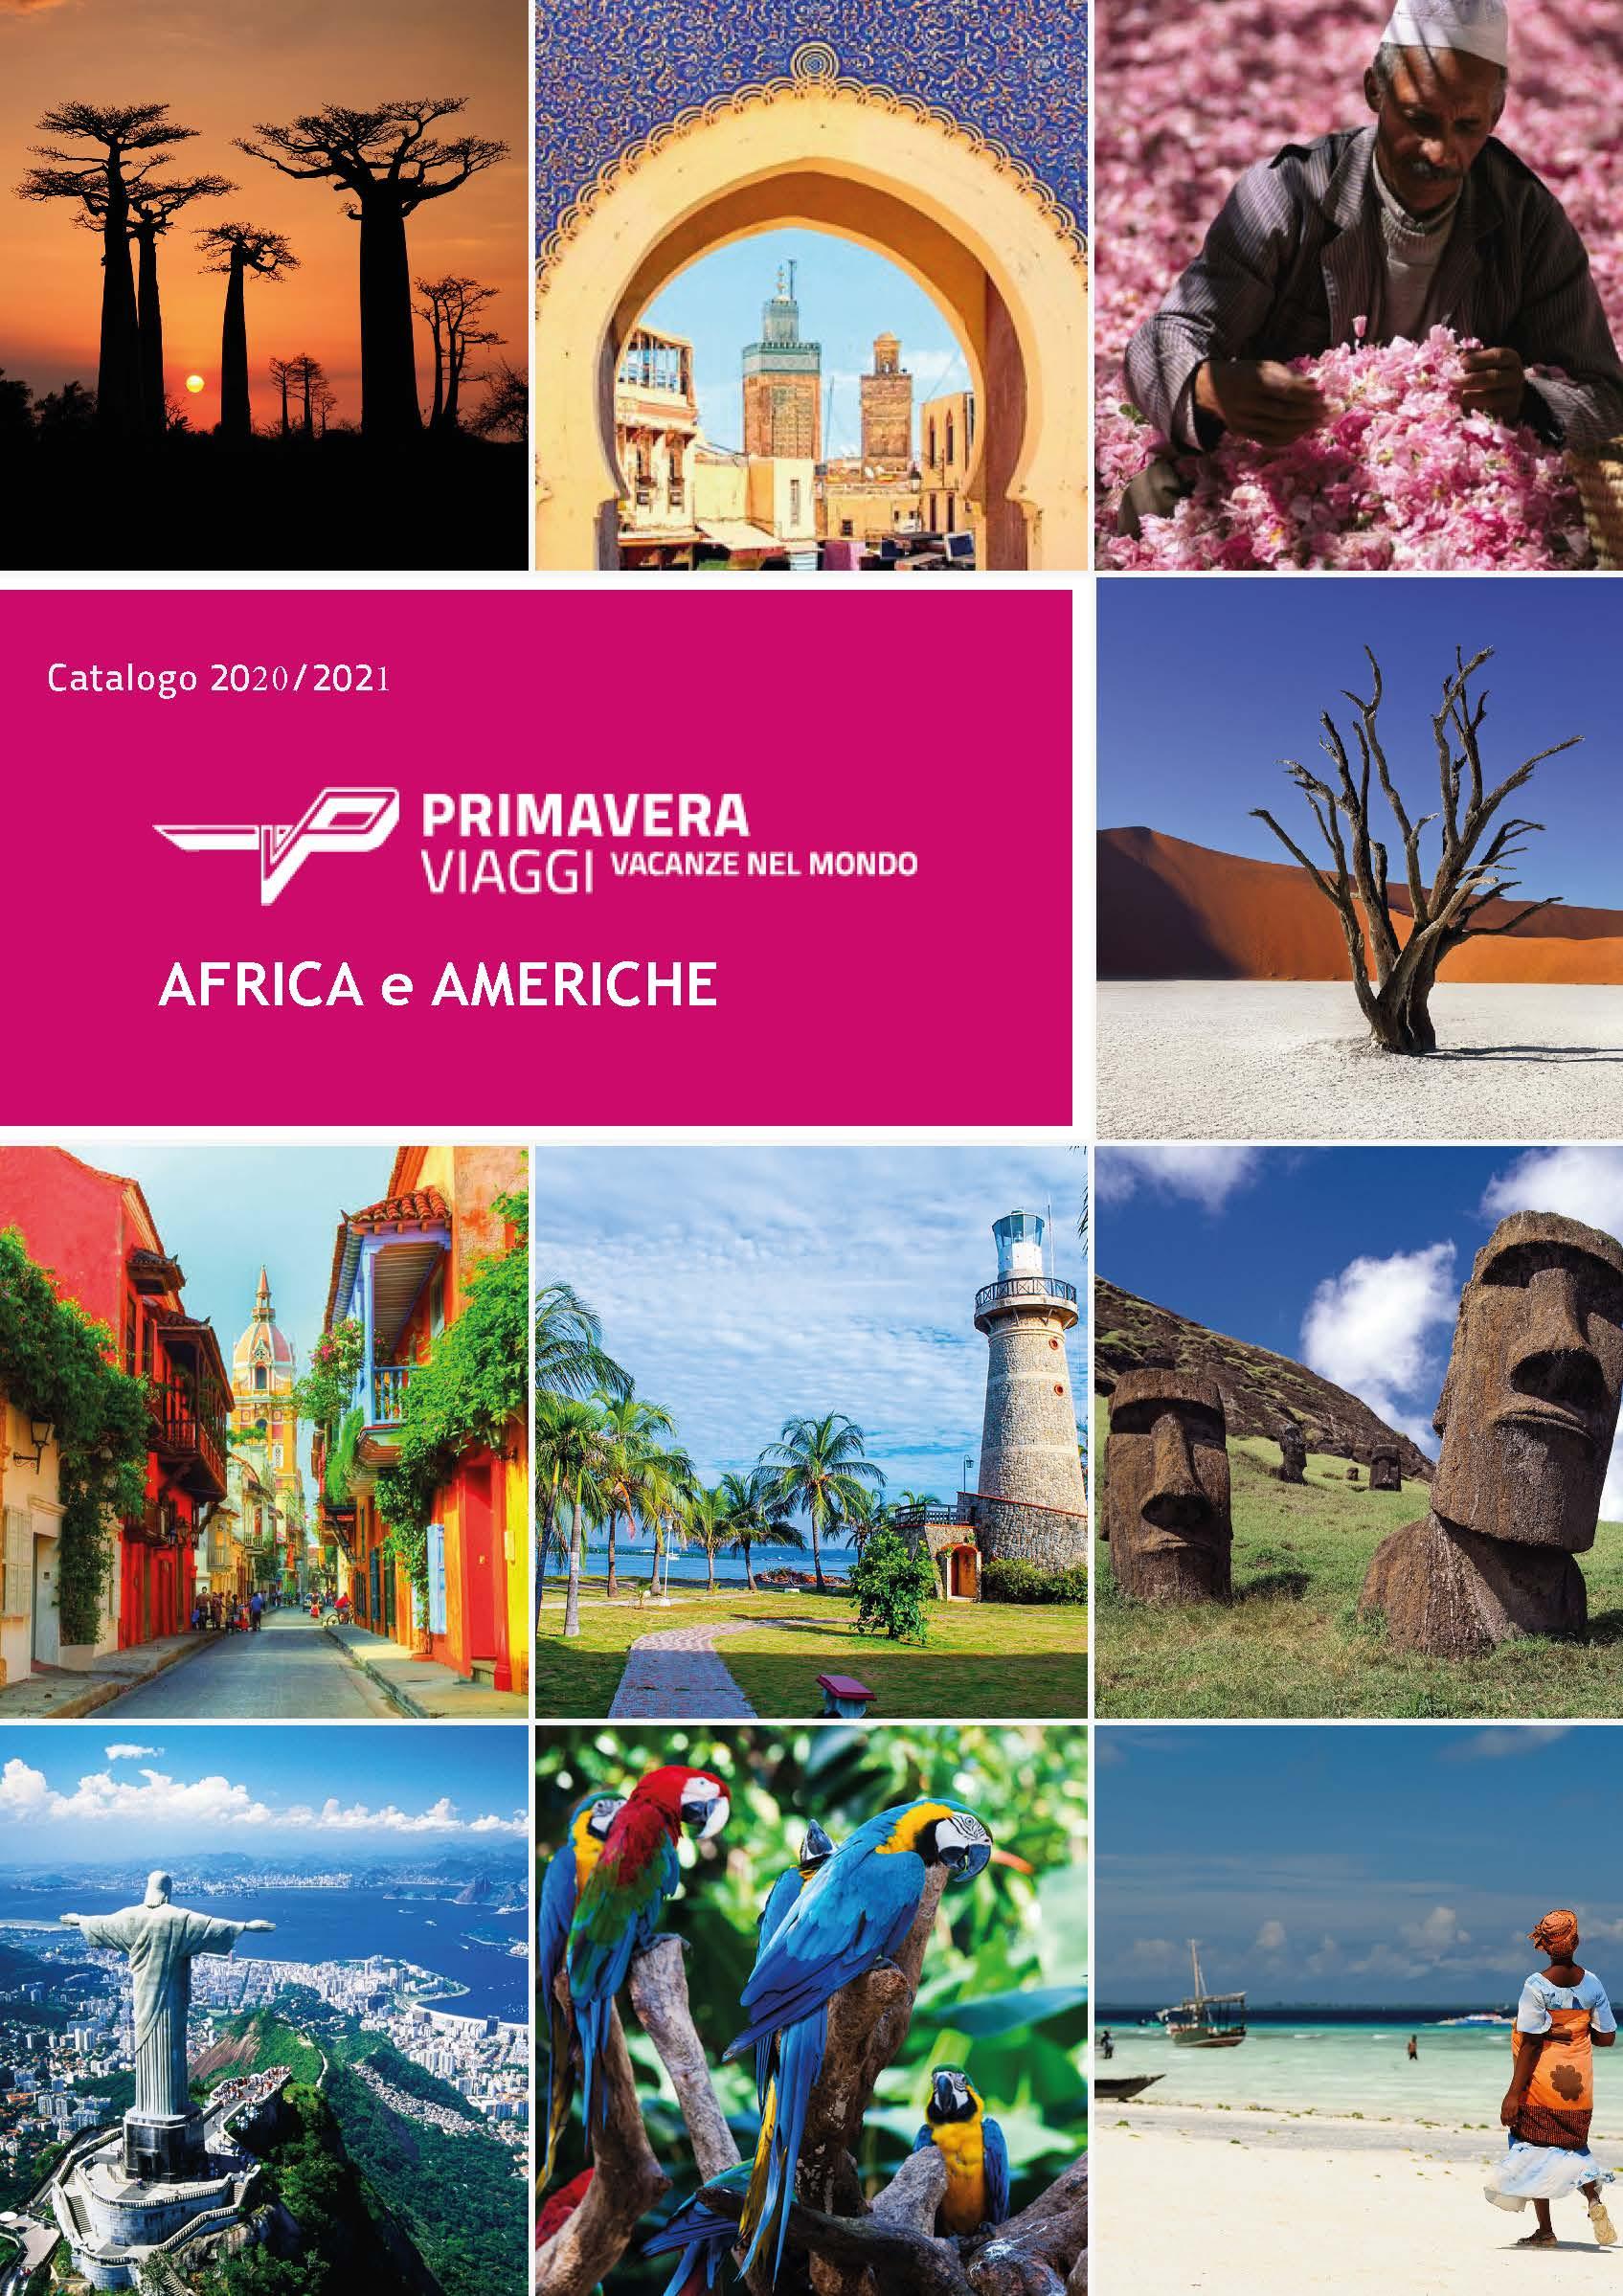 AFRICA E AMERICHE